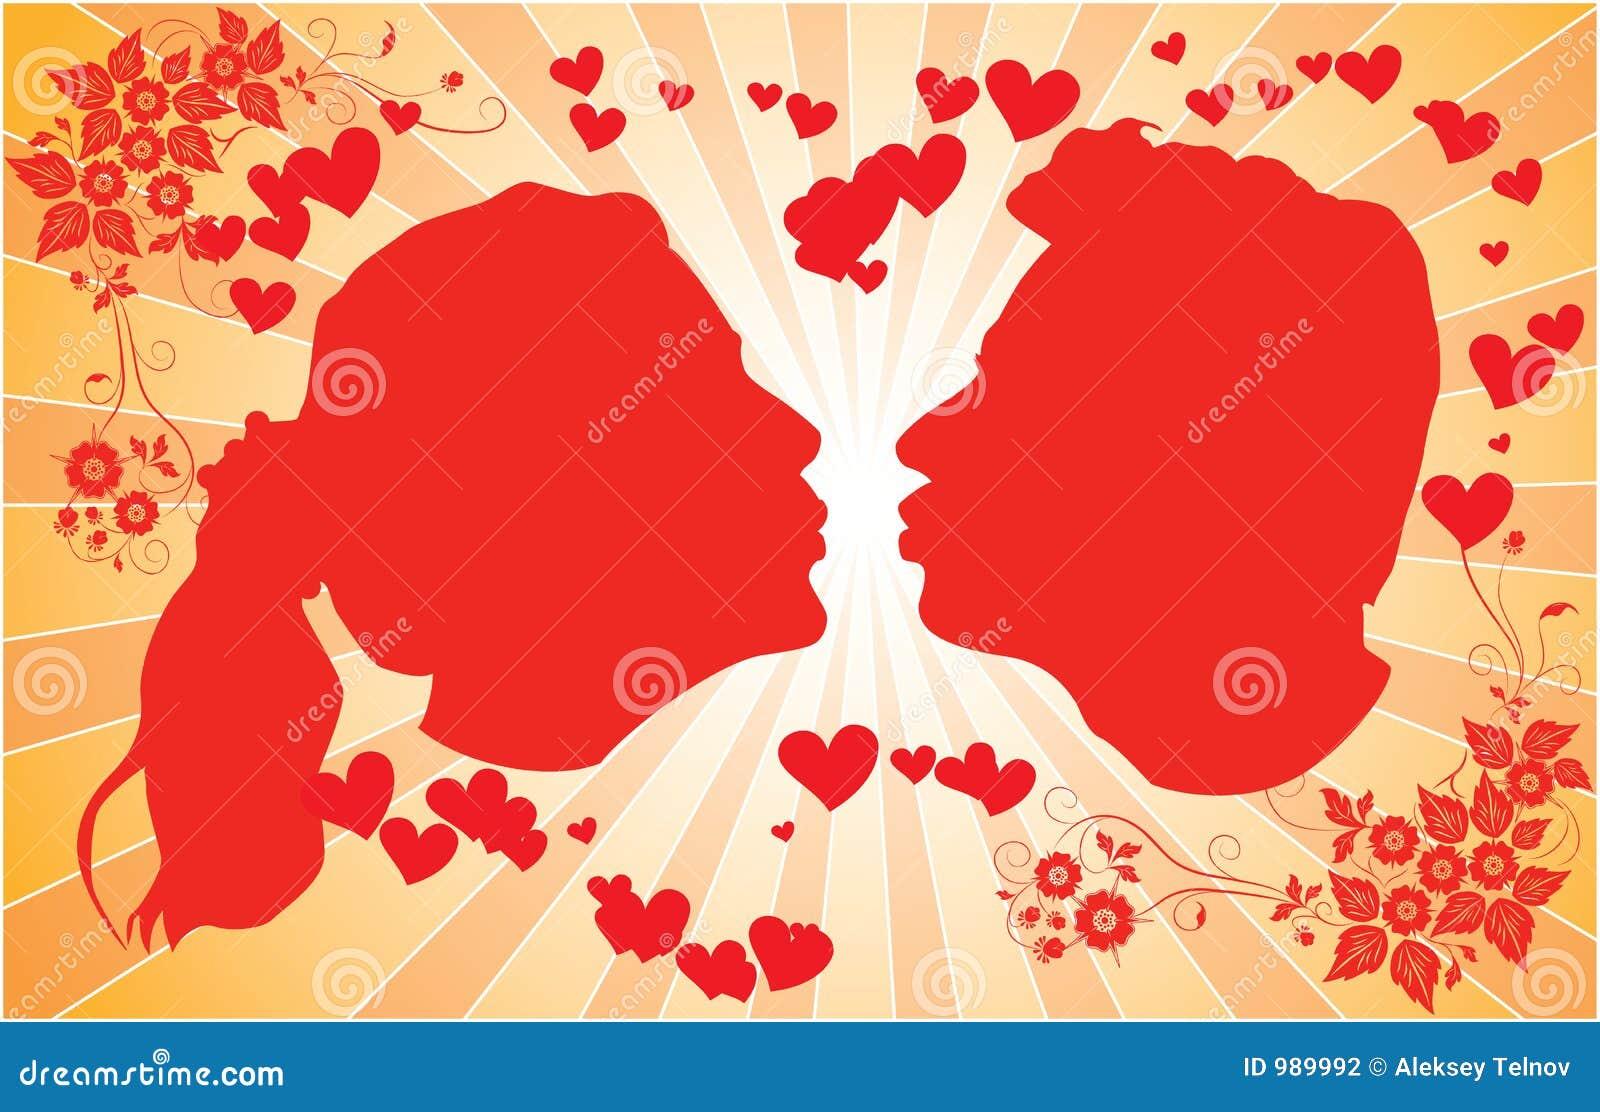 Stary sylwetek wektora całowanie kobiety